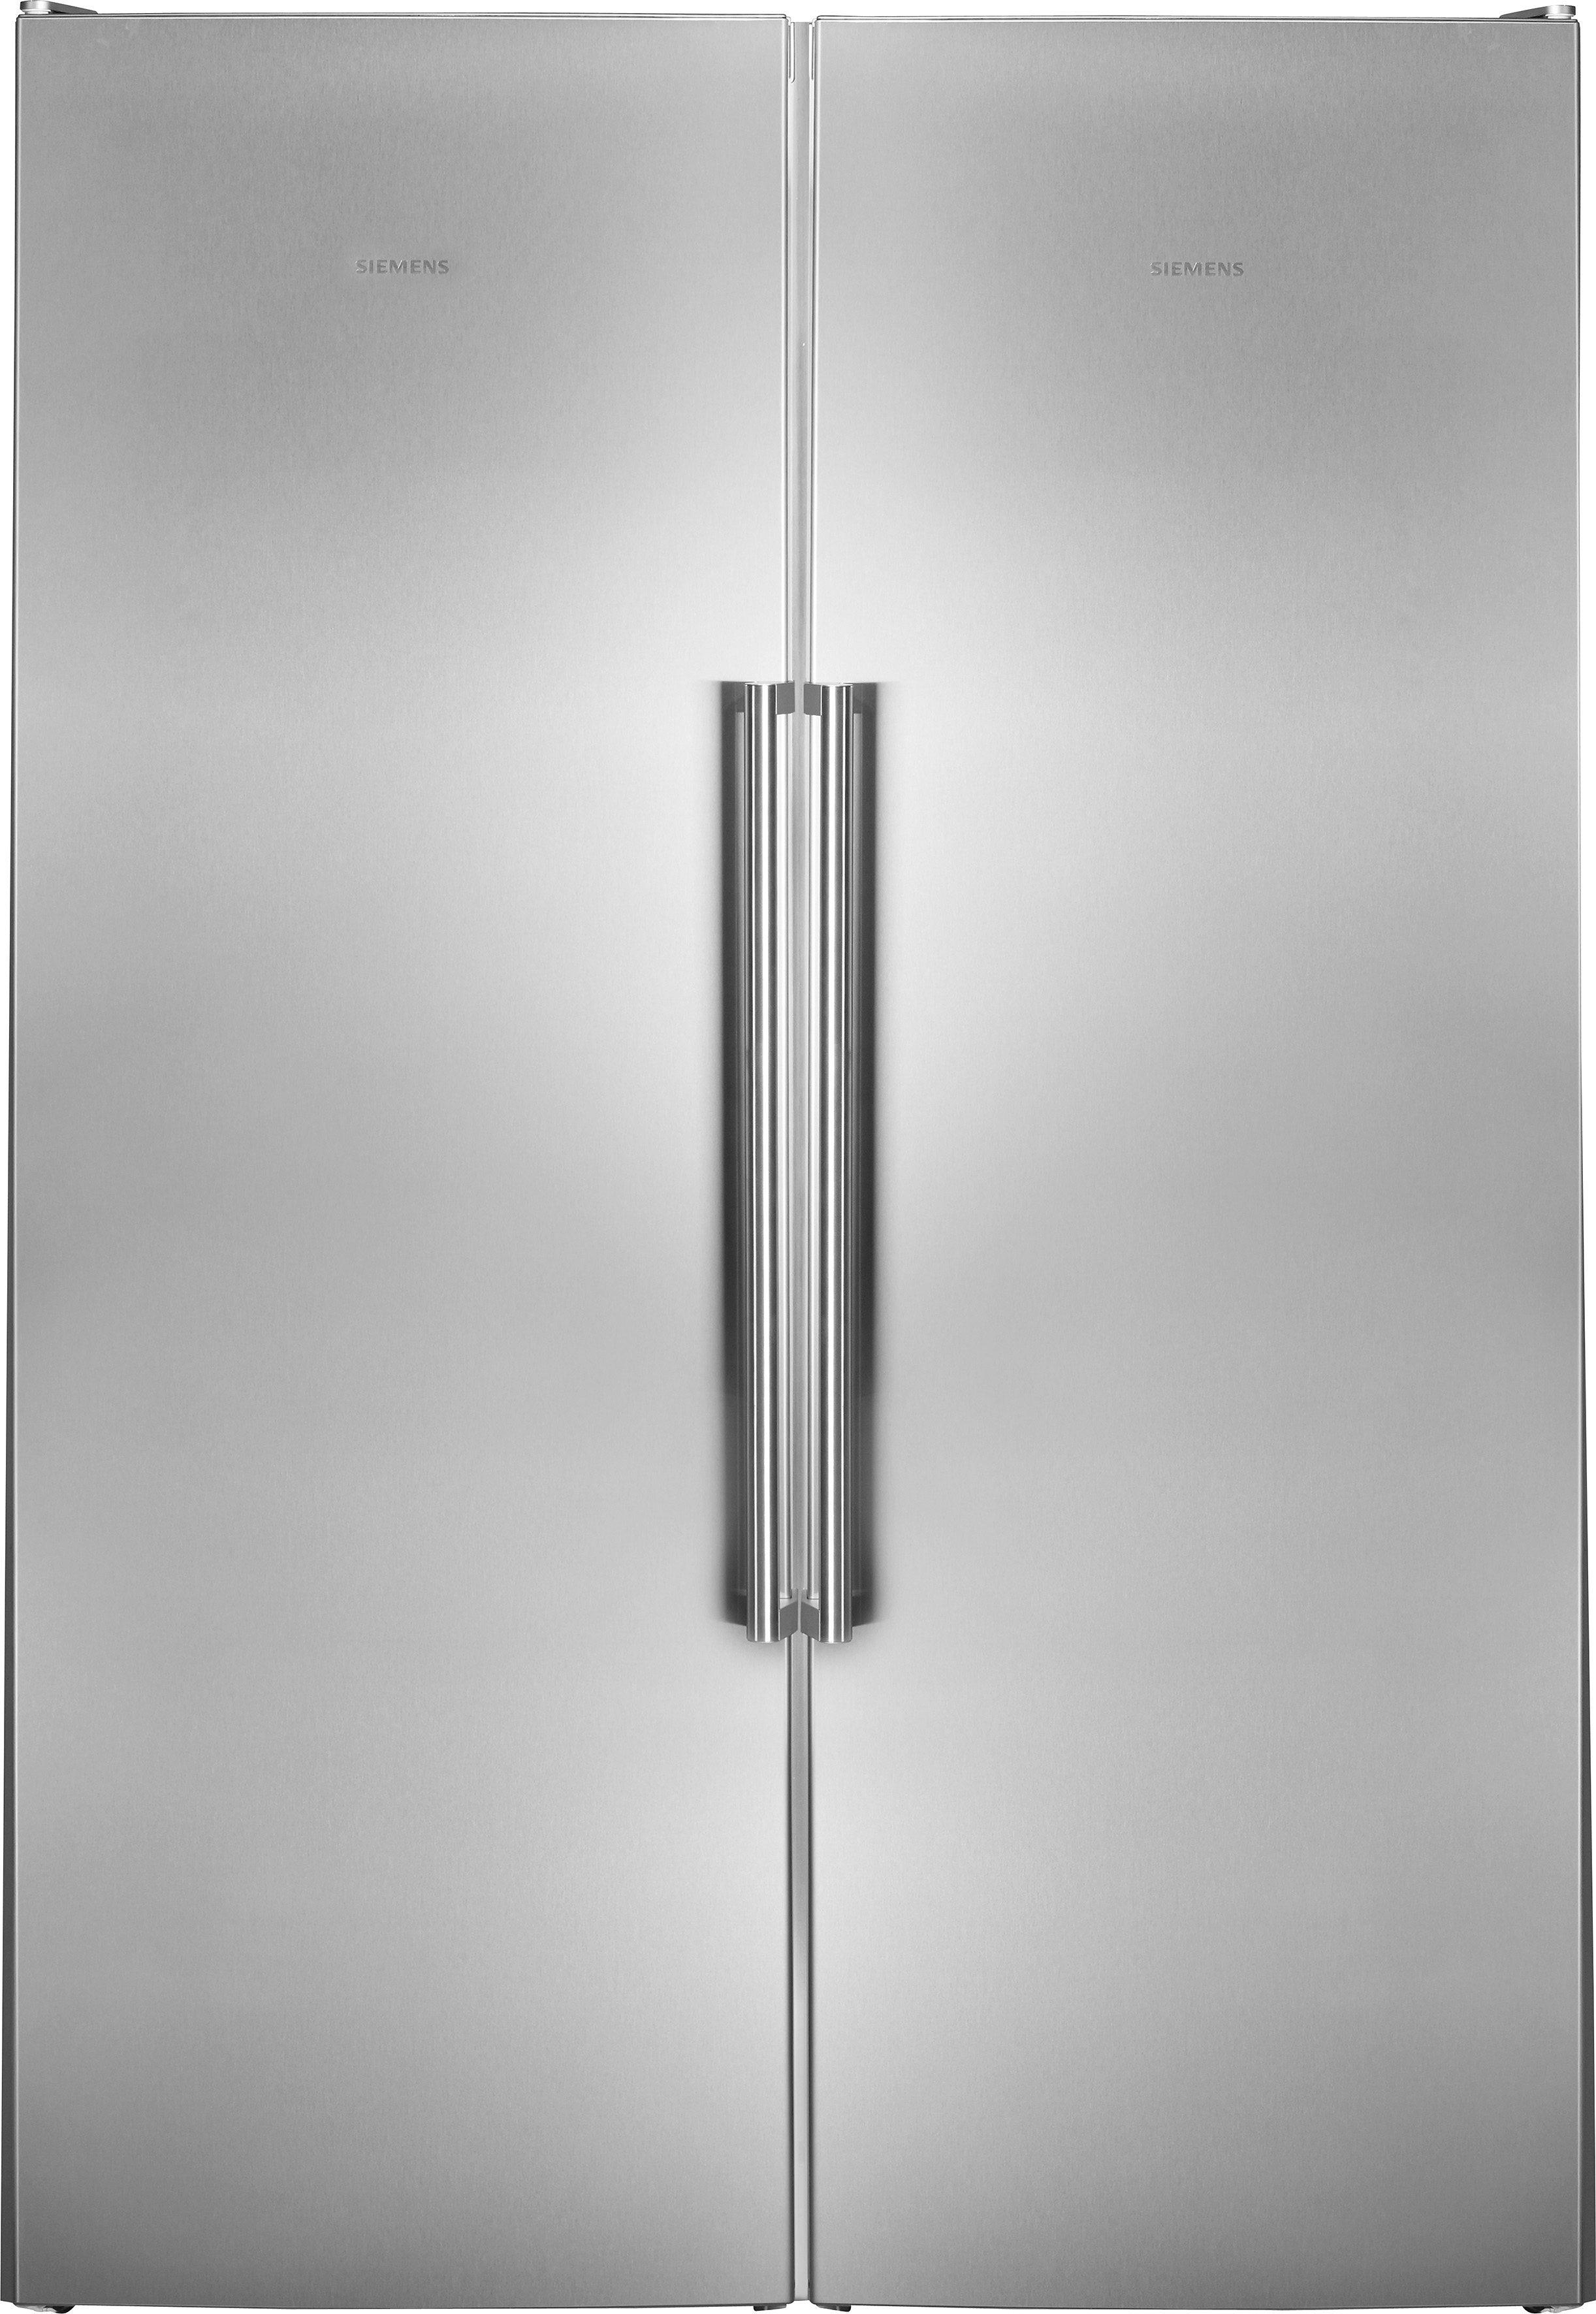 Siemens European Side by Side KA99FPI30, A ++, 186 cm hoch, NoFrost im Gefrierschrank